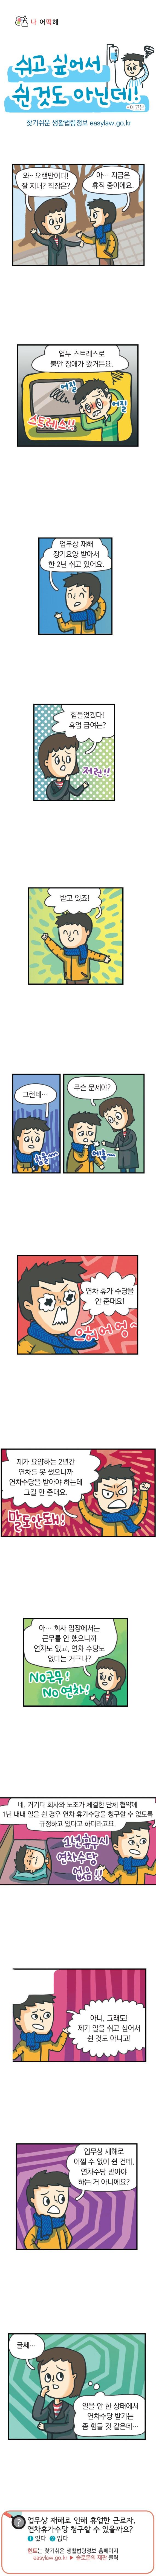 <법나들이 2017년 12월> 쉬고 싶어서 쉰 것도 아닌데!